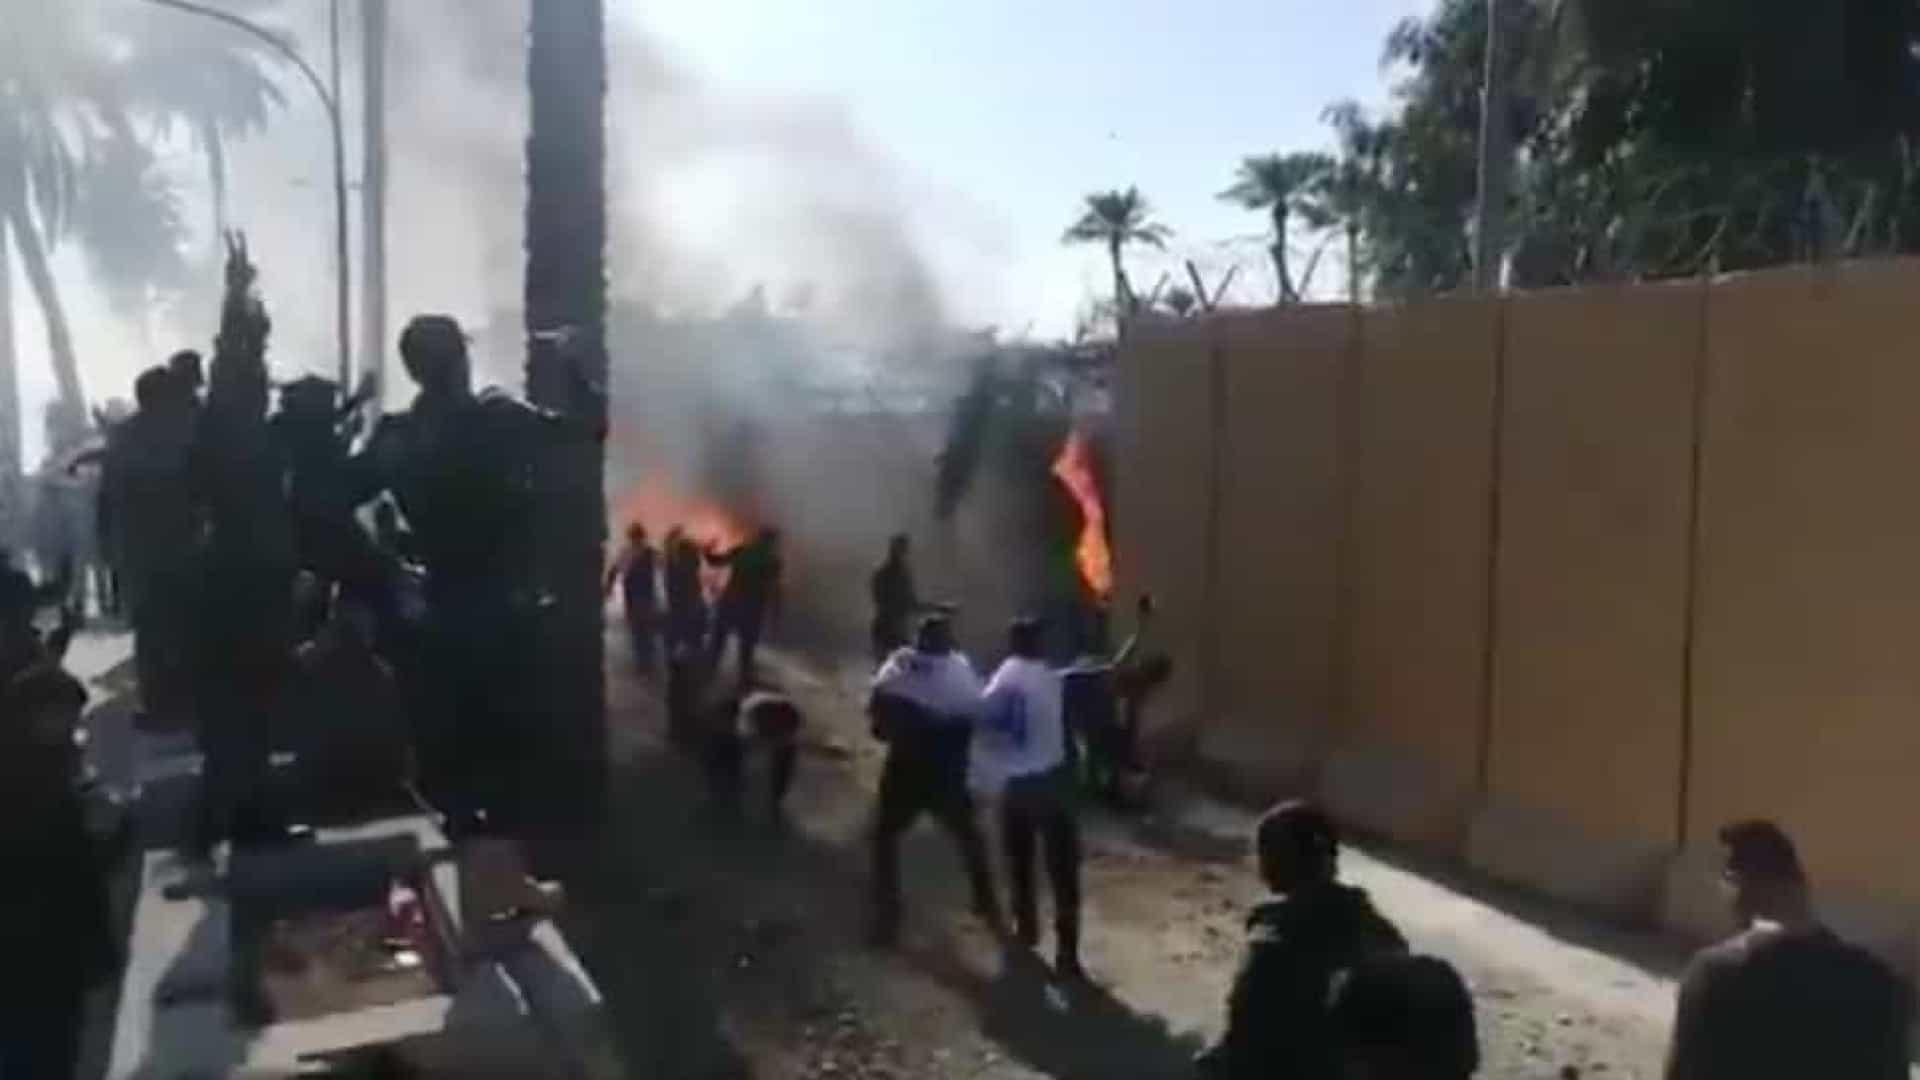 Milhares de iraquianos atacaram a embaixada dos EUA em Bagdá